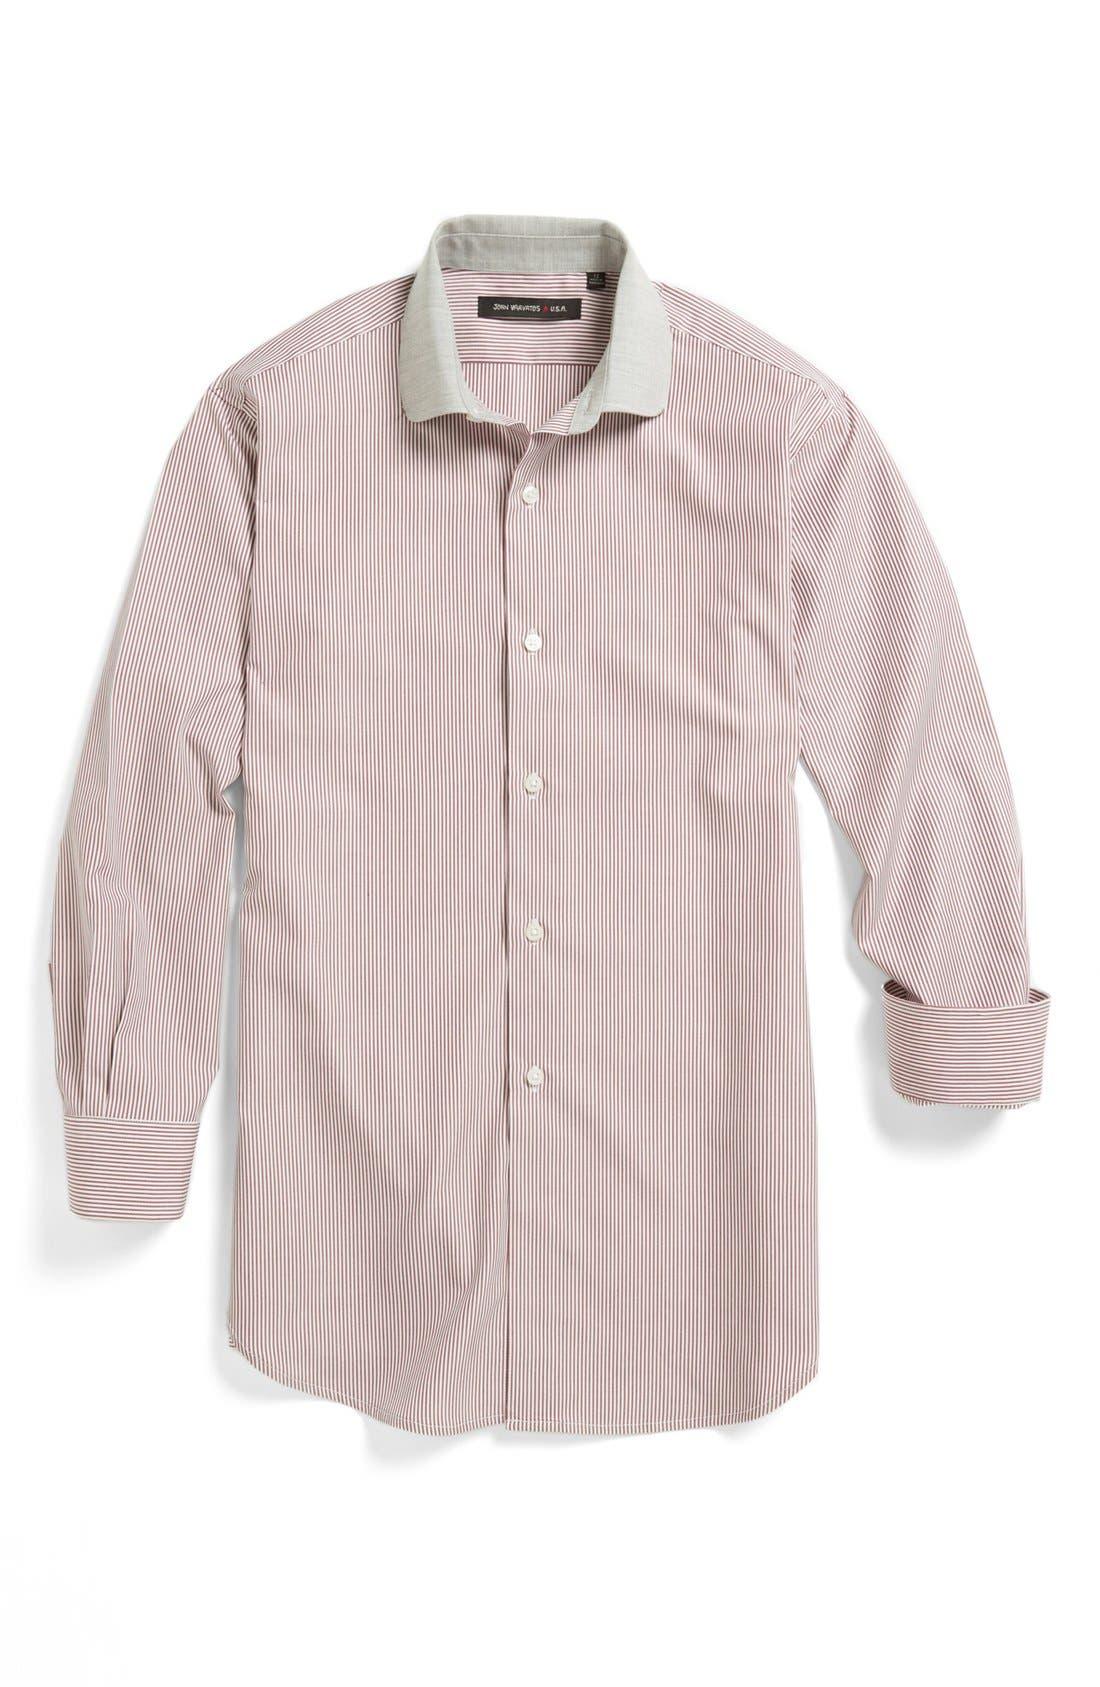 Alternate Image 1 Selected - John Varvatos Star USA Dress Shirt (Big Boys)